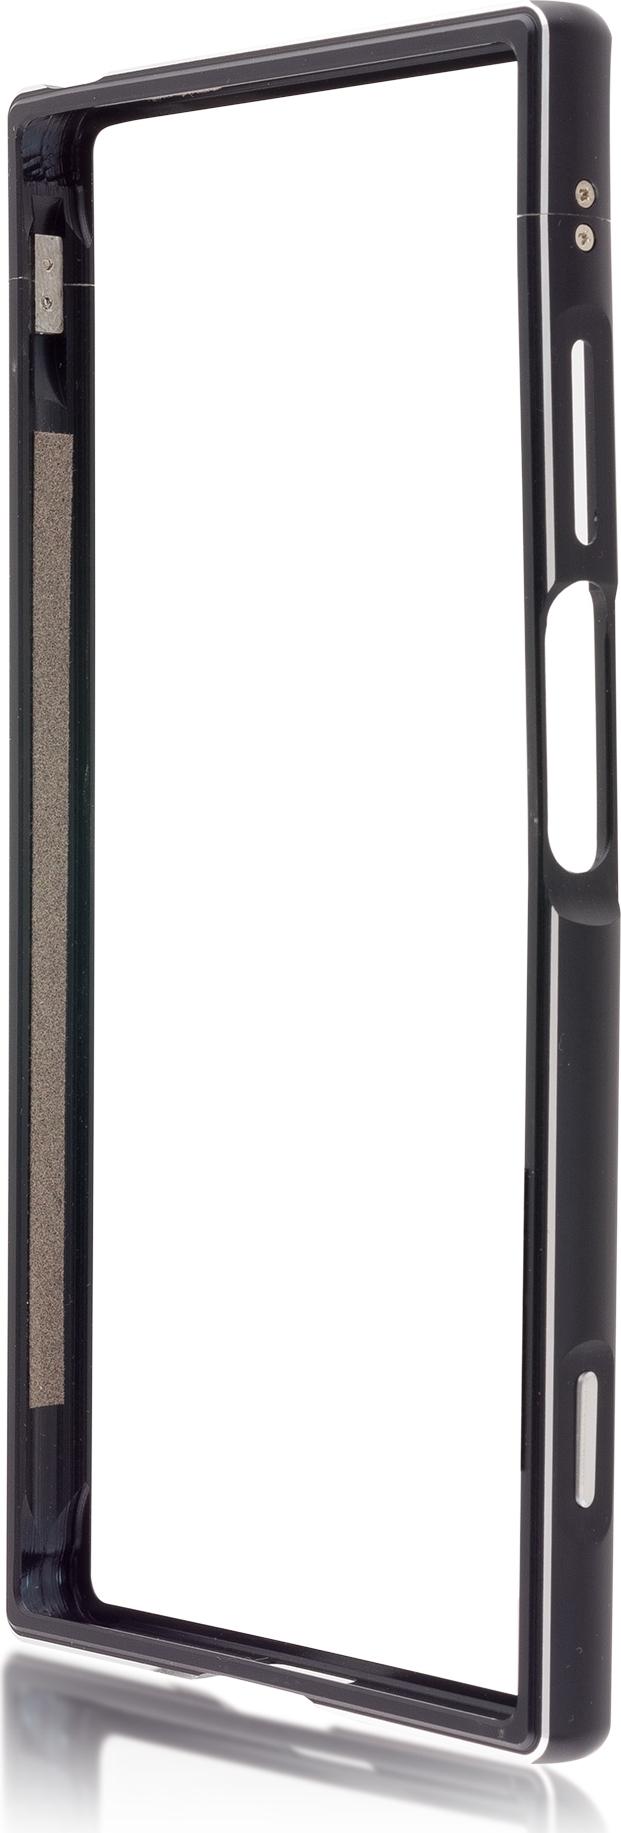 Чехол Brosco BMP для Sony Xperia XA1 Plus, черный чехол для sony g3412 xperia xa1 plus brosco накладка черный